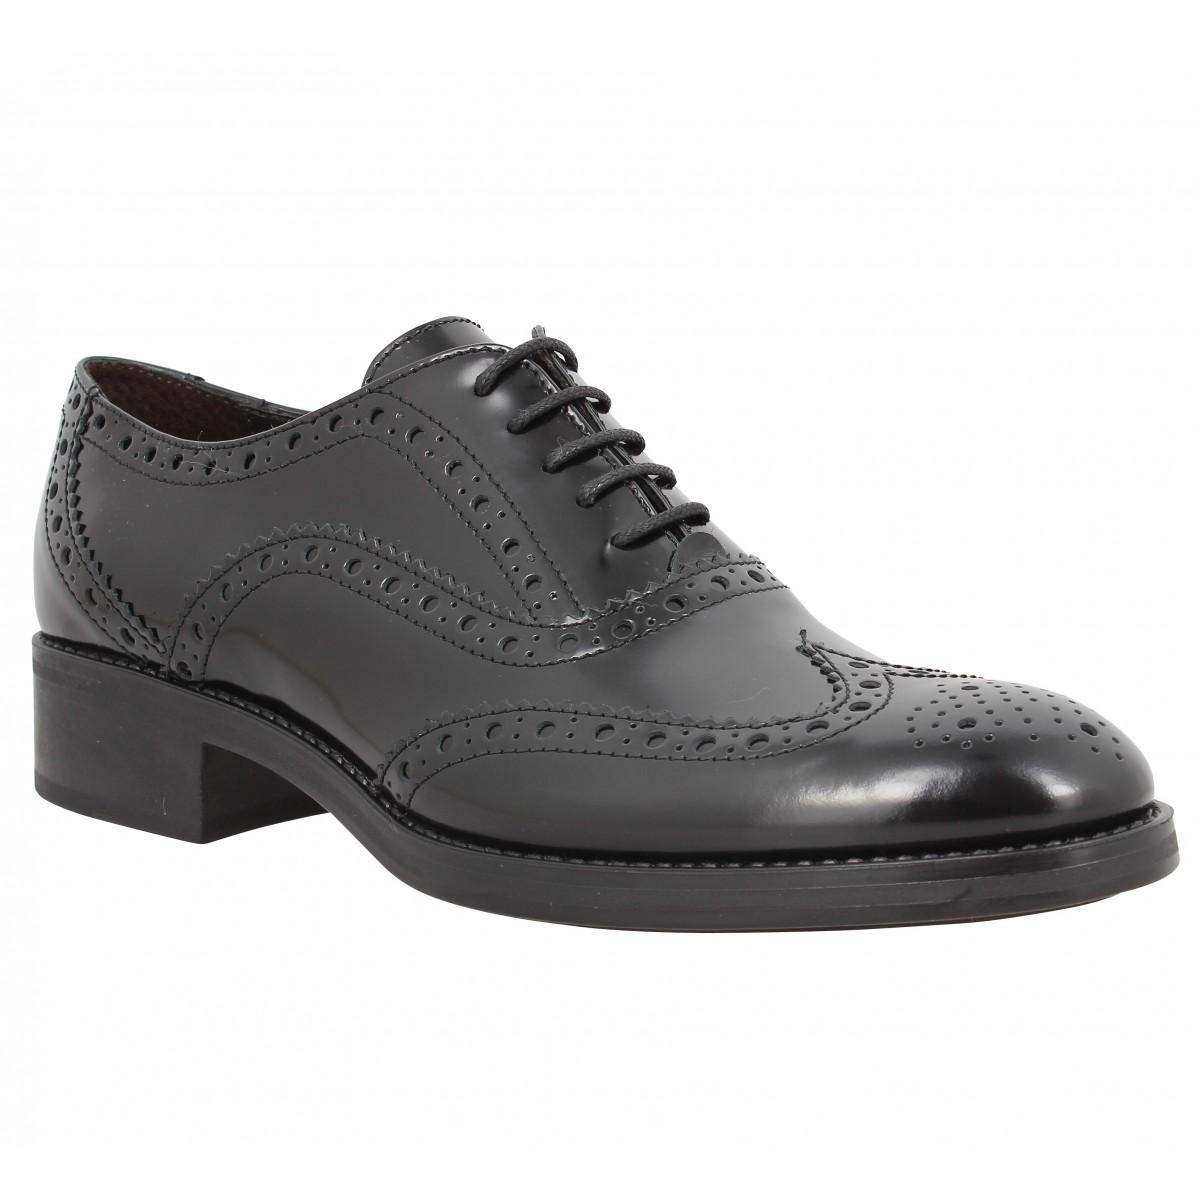 Chaussures à lacets TRIVER FLIGHT 920 09 cuir Noir